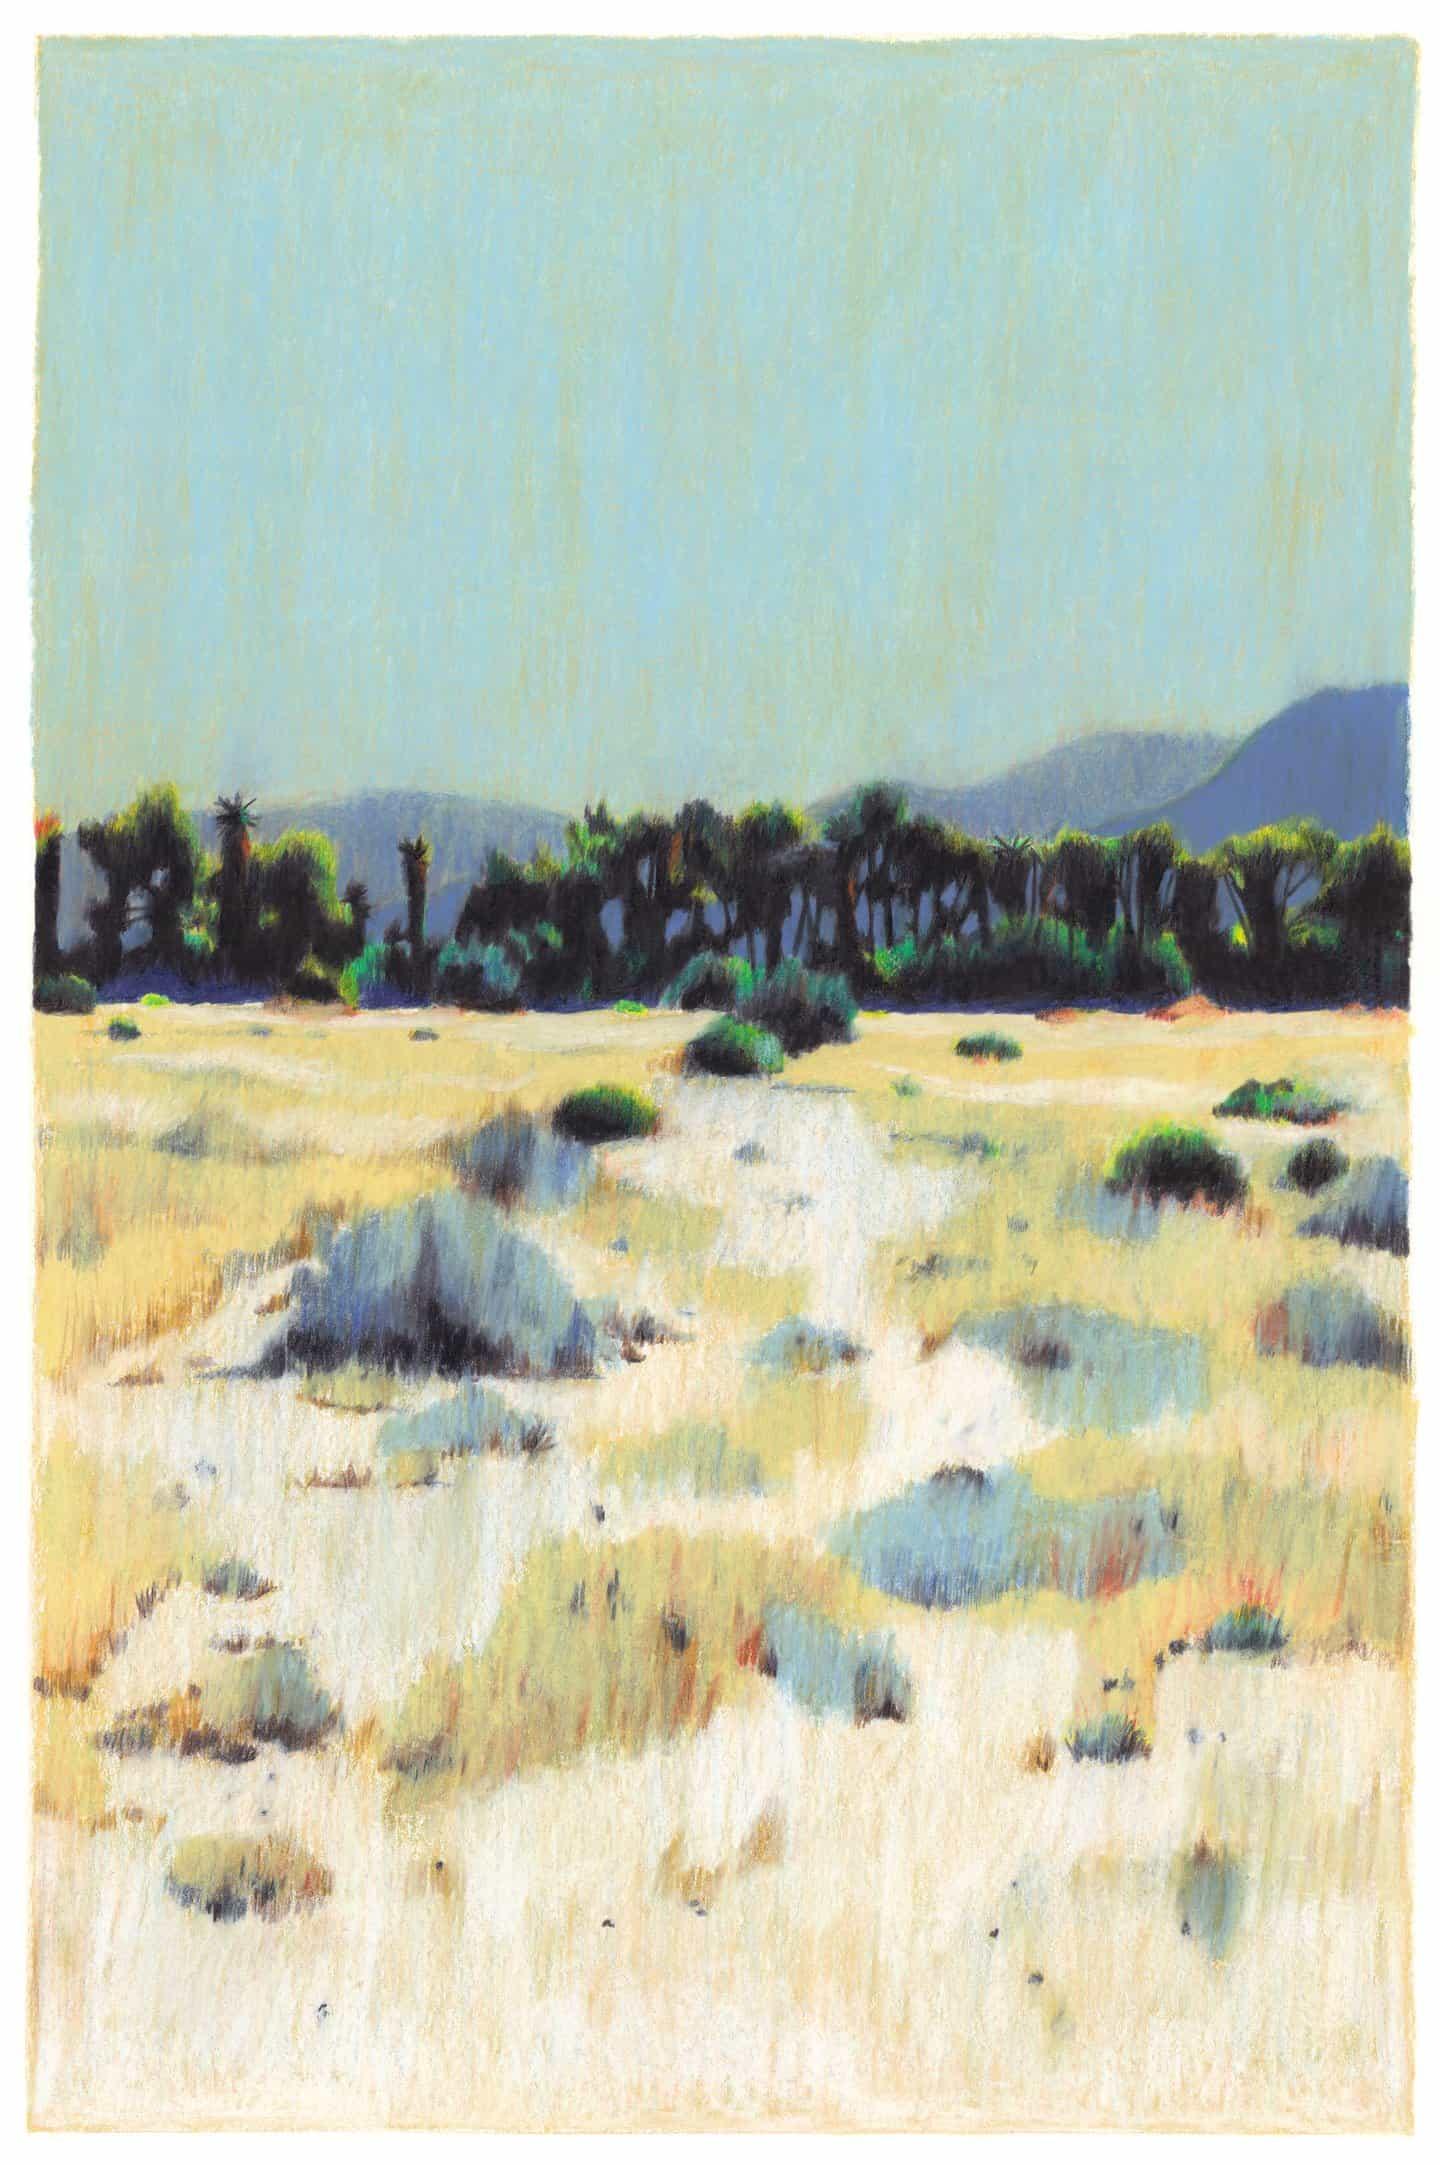 Clément Thoby le invita a sus preciosos paisajes y atmosféricos, desprovisto de cualquier pueblo